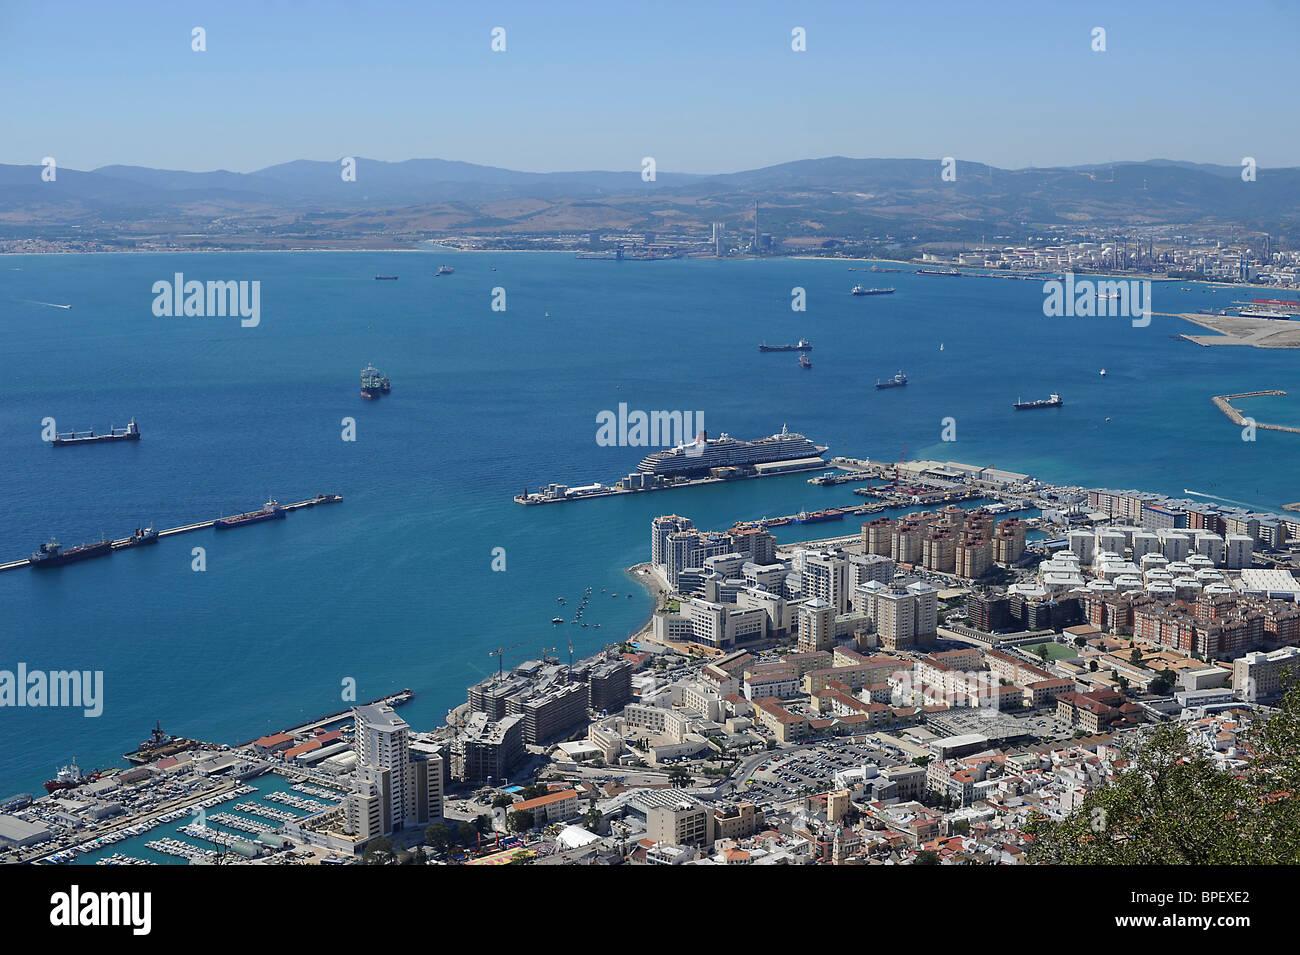 Hafen von Gibraltar, Habour of Gibraltar, Habor of Gibraltar Stock Photo